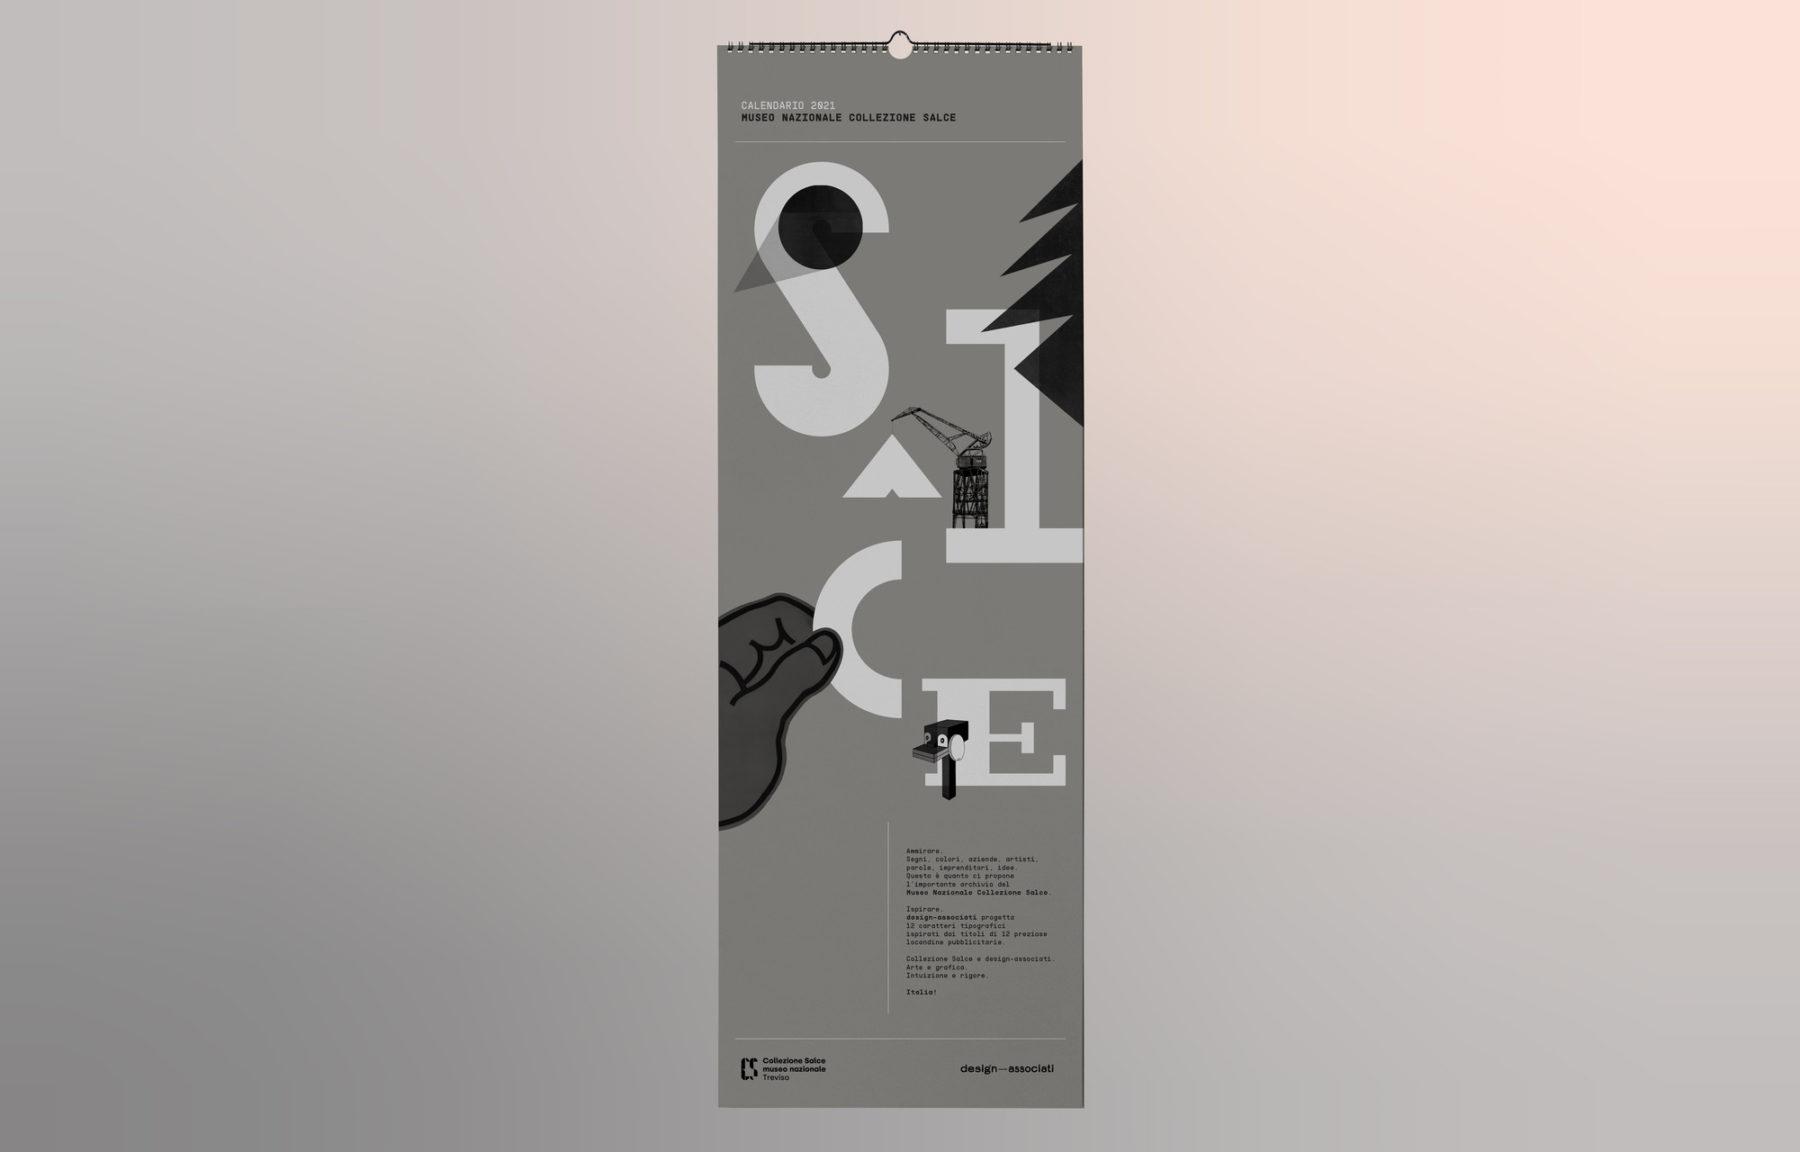 Calendario Collezione Salce 2021 00